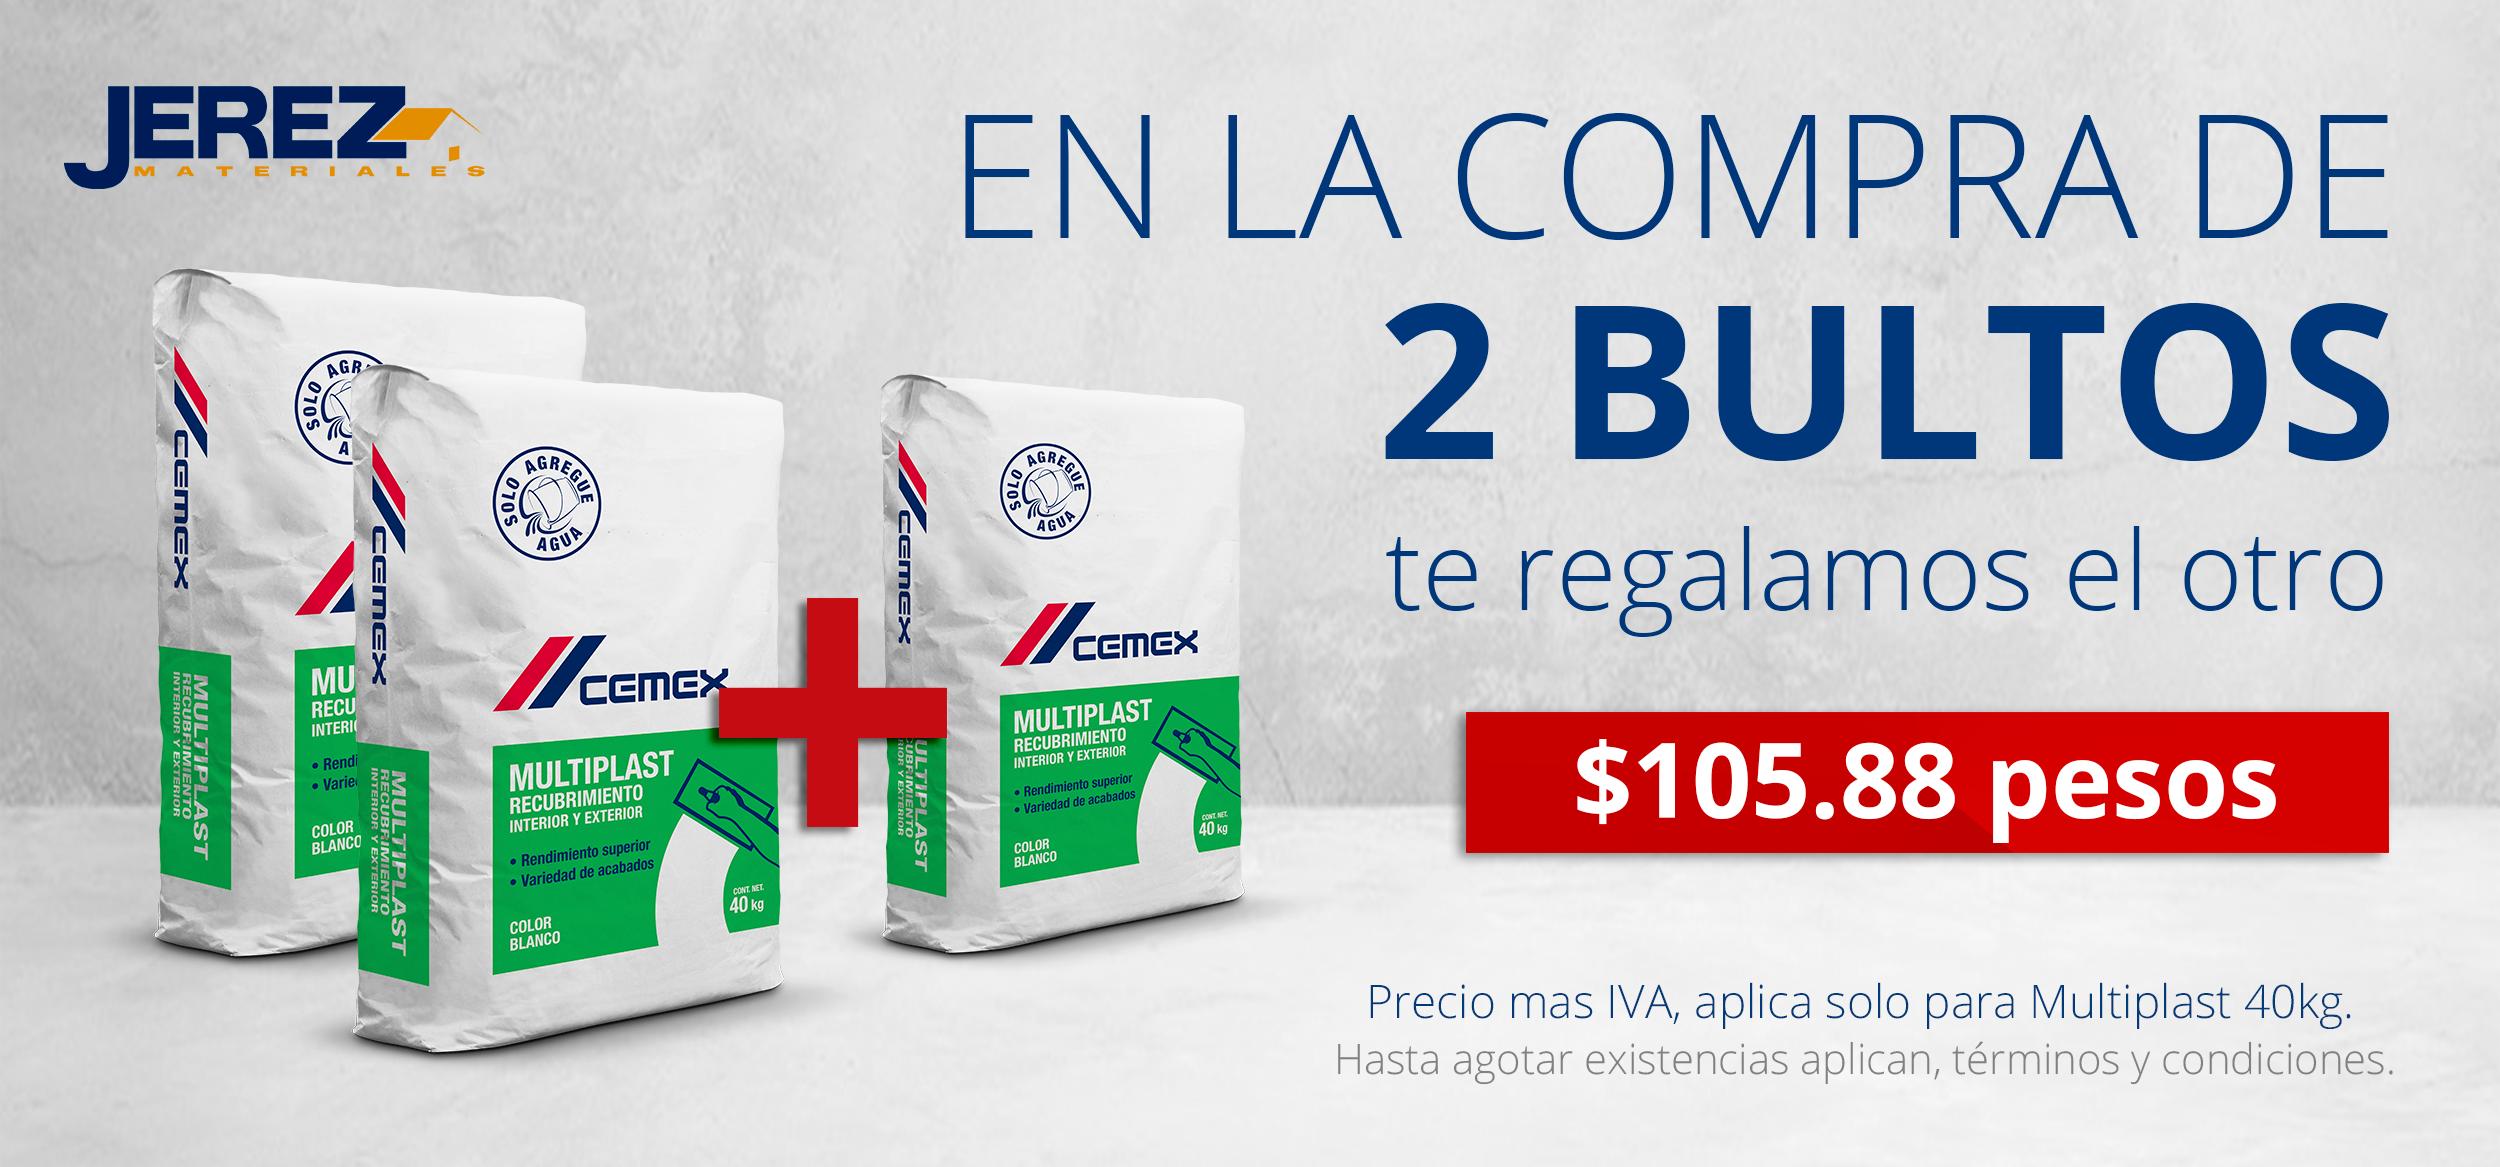 Promocion de la semana Multiplast Jerez2